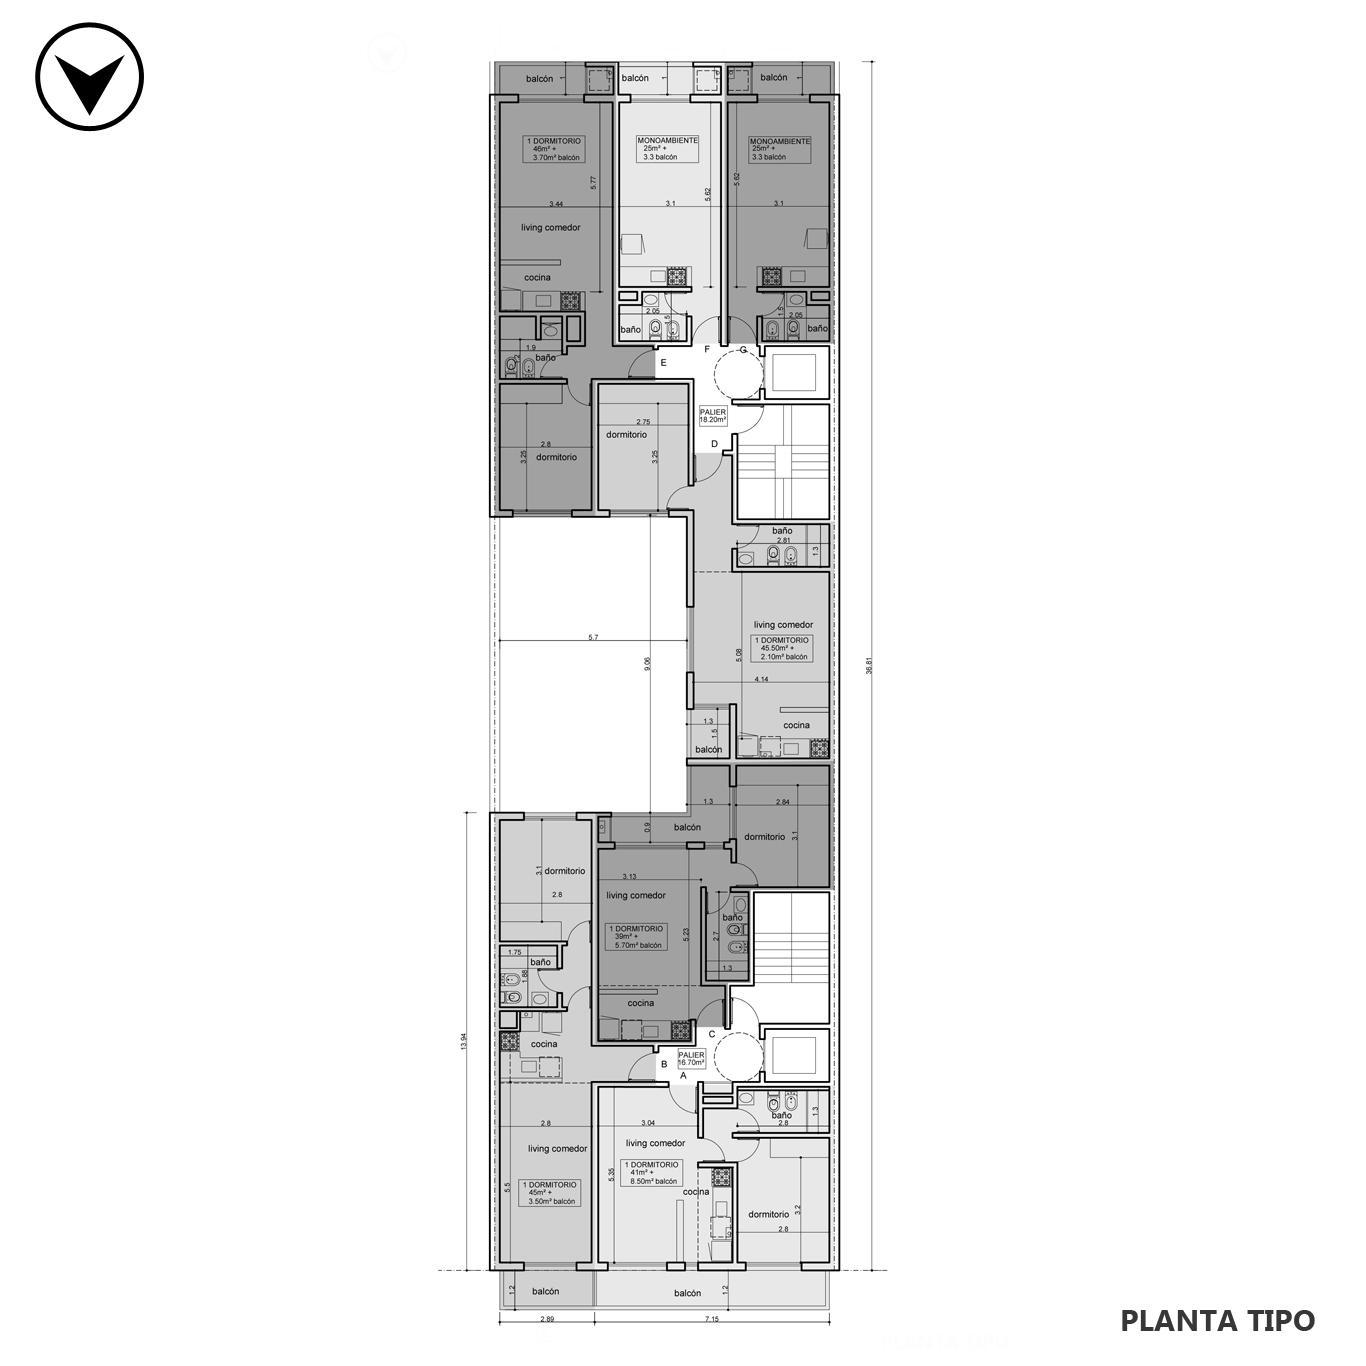 Venta departamento 1 dormitorio Rosario, Centro. Cod CBU24743 AP2302025. Crestale Propiedades